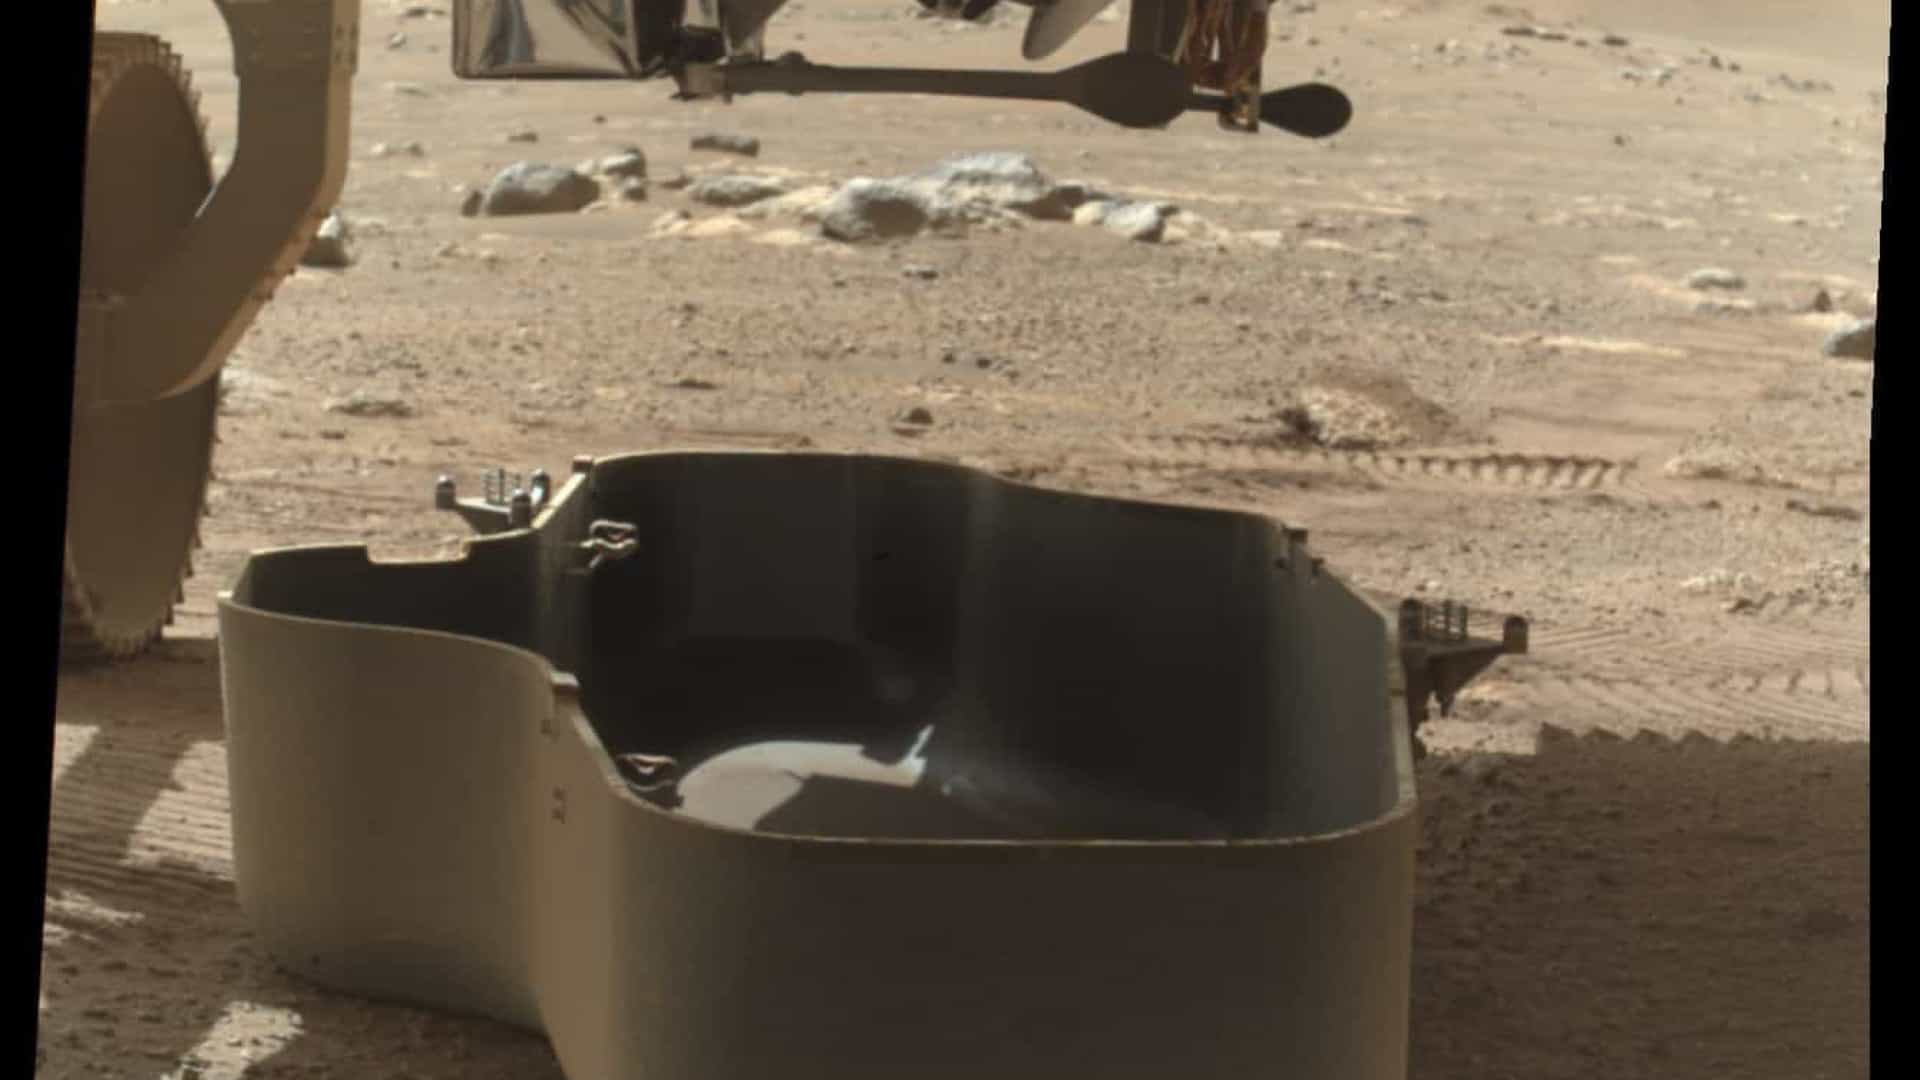 NASA compartilha primeira fotografia do helicóptero de Marte